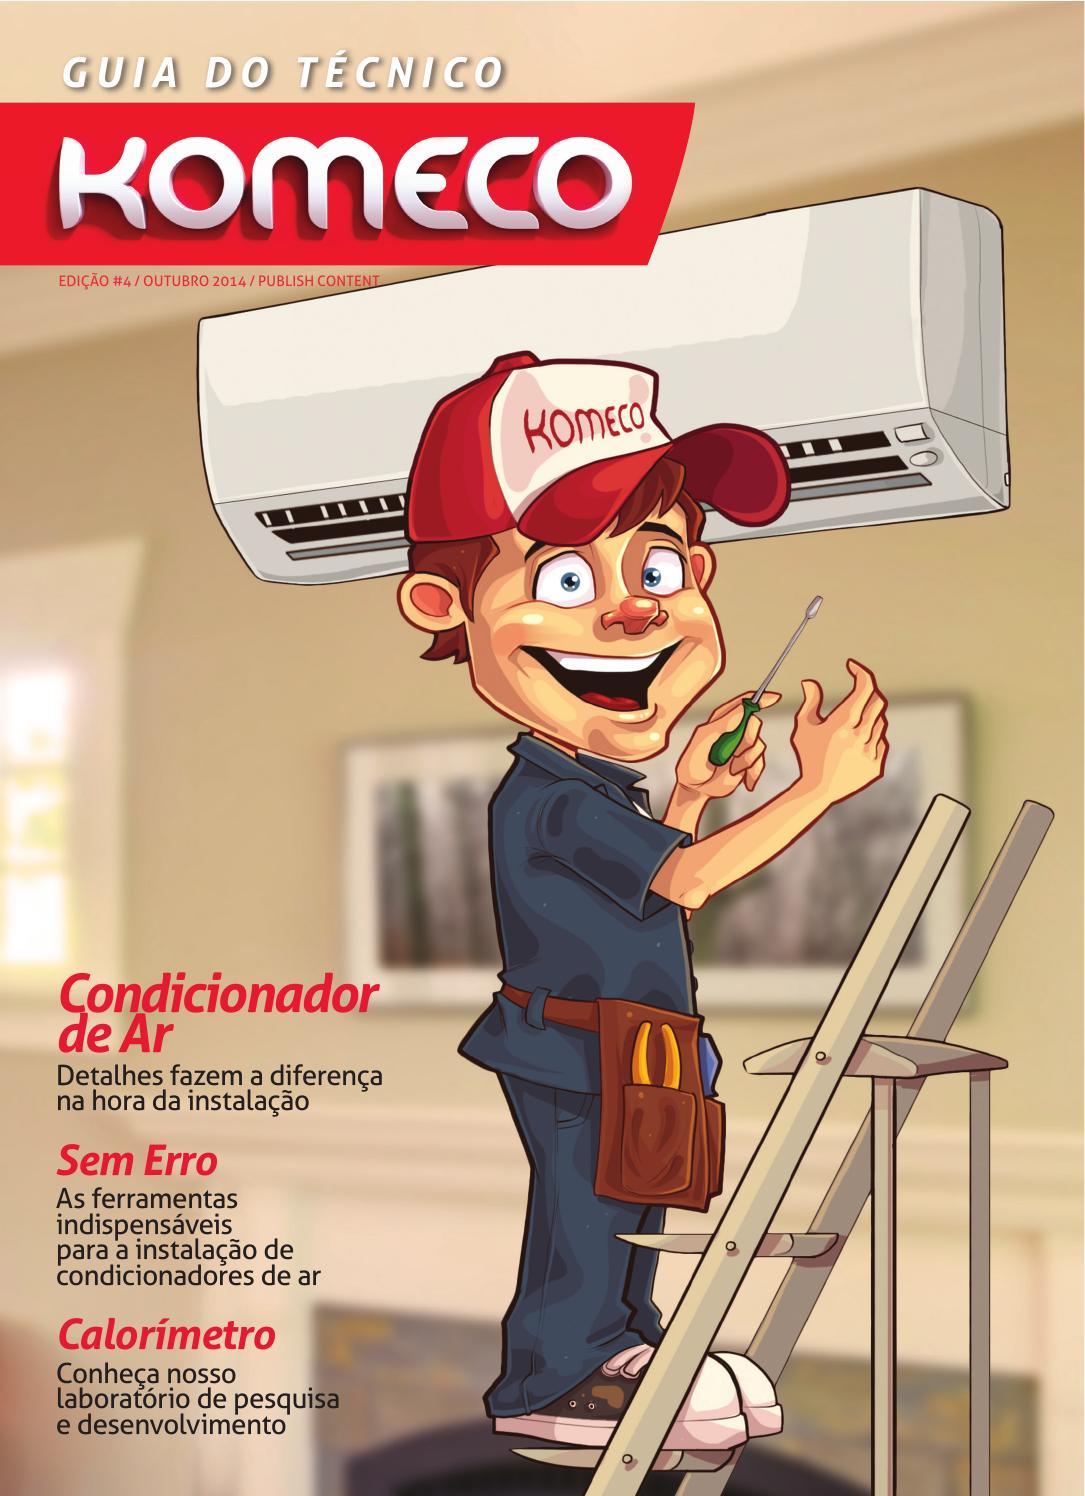 Guia do Técnico Komeco - Edição 04